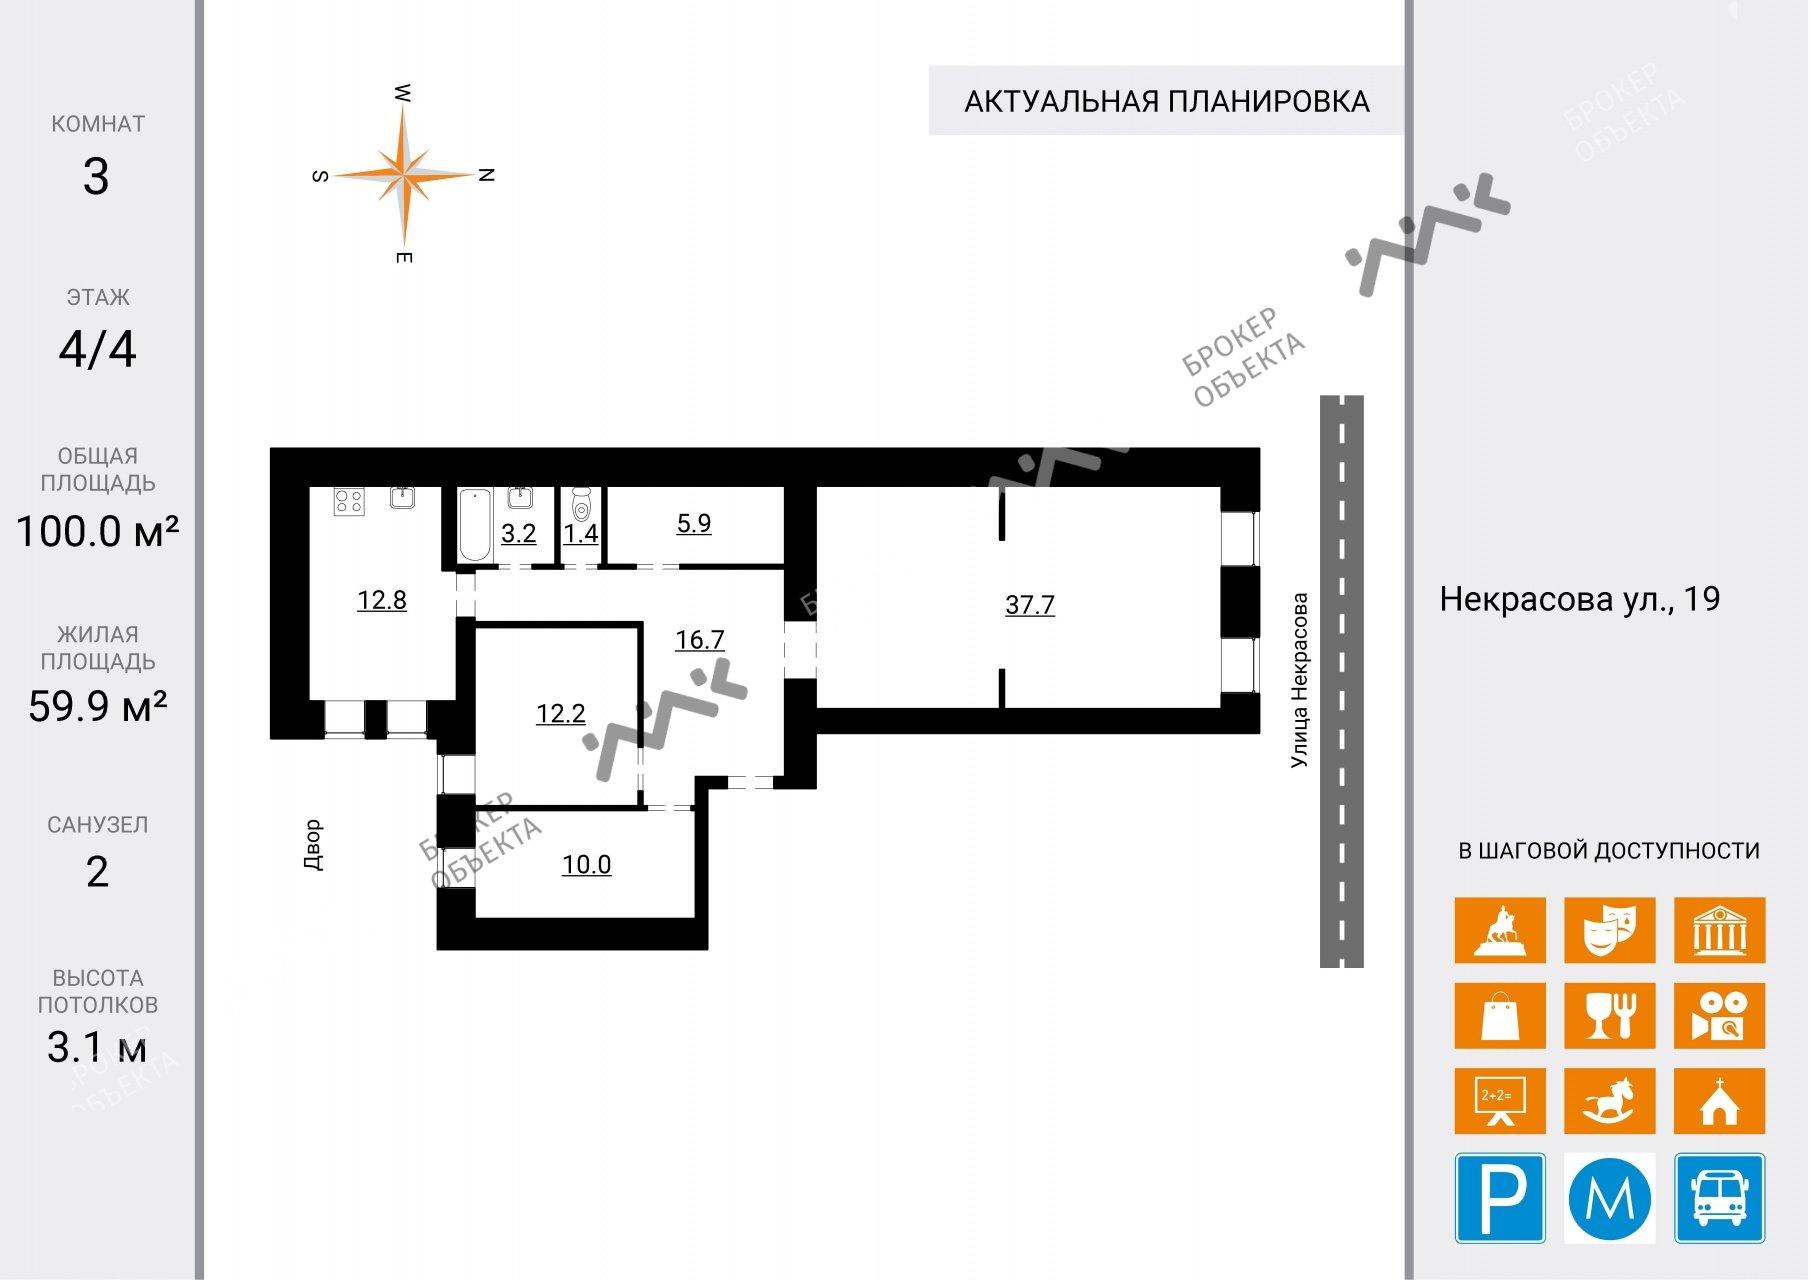 Планировка Некрасова ул., д.19. Лот № 2028830